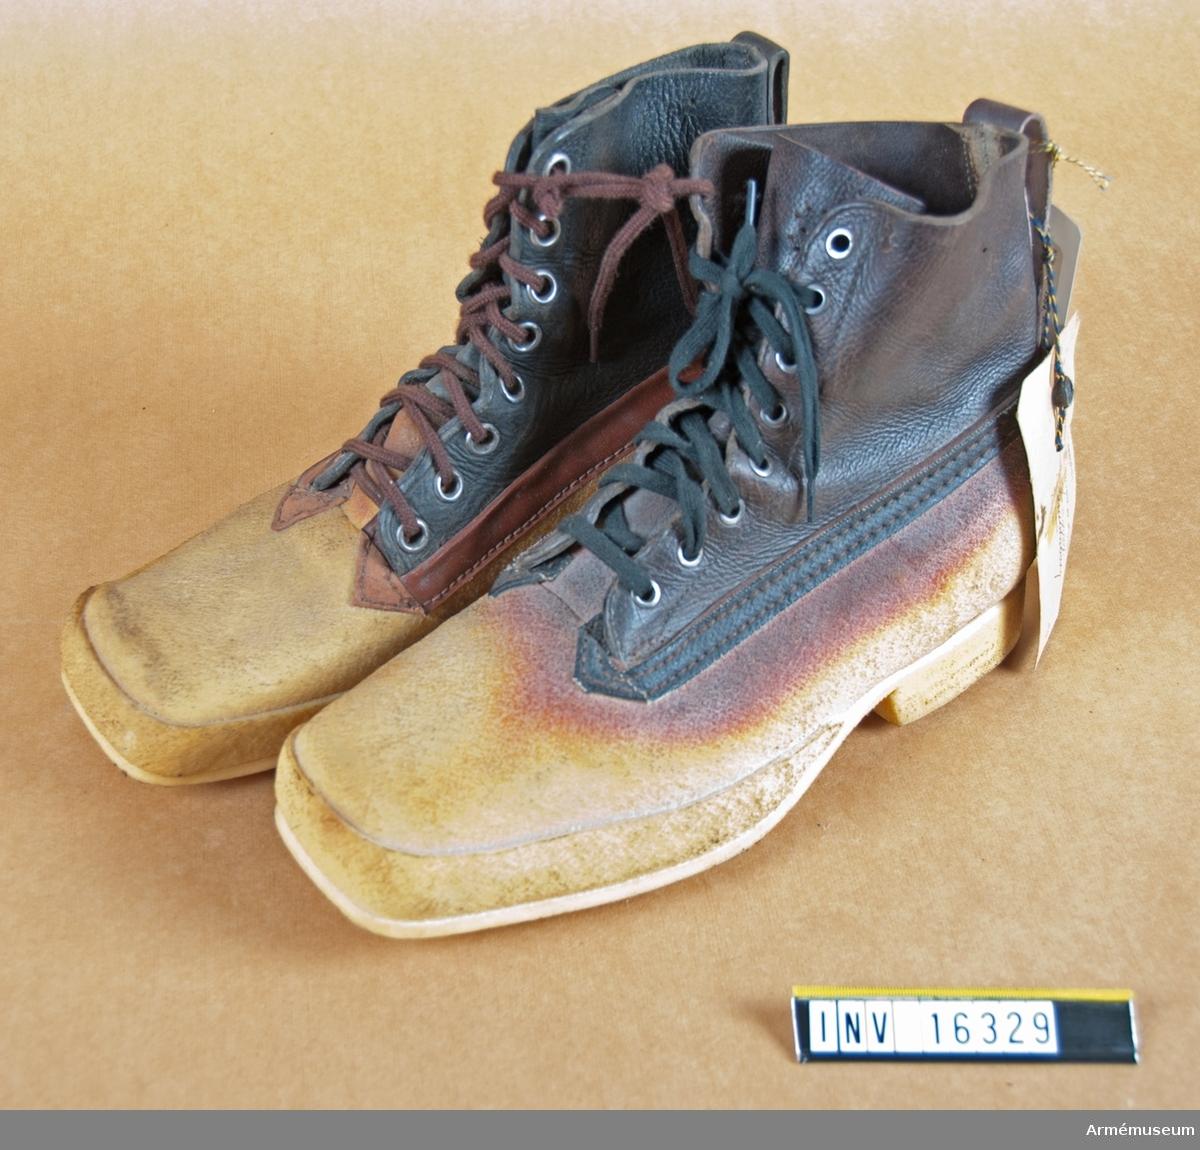 Gummipjäxa av rågummi m/1954. Med foten i rågummi och skaftet av läder som är mörkbrunt. Har snörning och sula och klack av rågummi. Höger pjäxa har brun skoning mellan fot och skaft samt brunt snöre, vänster har svart snörning och svart snöre.